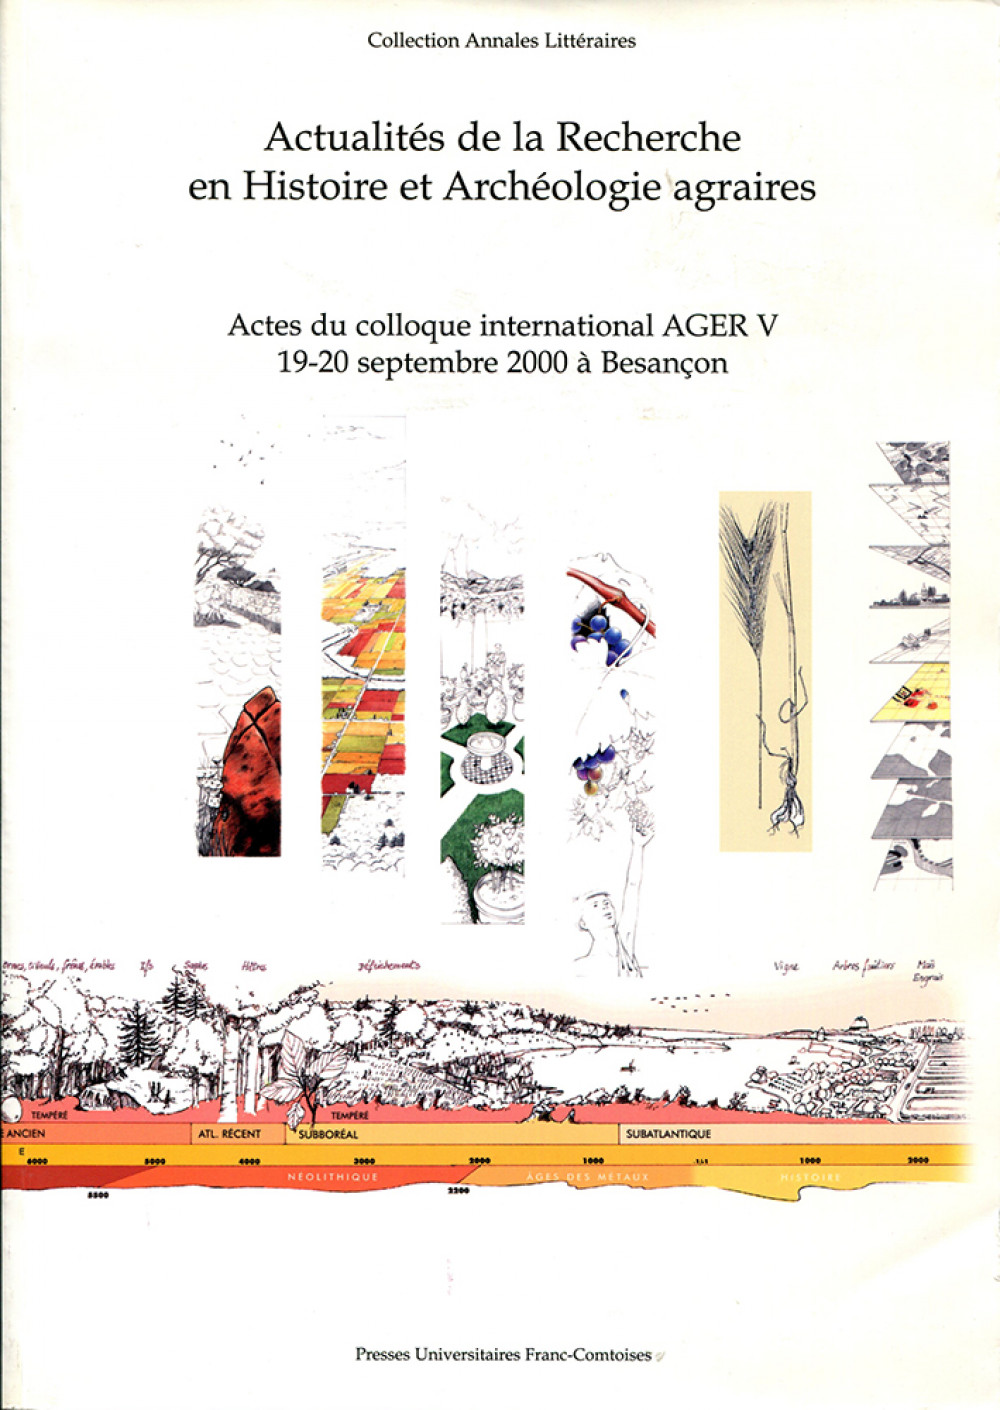 Actualités de la Recherche en Histoire et Archéologie agraires